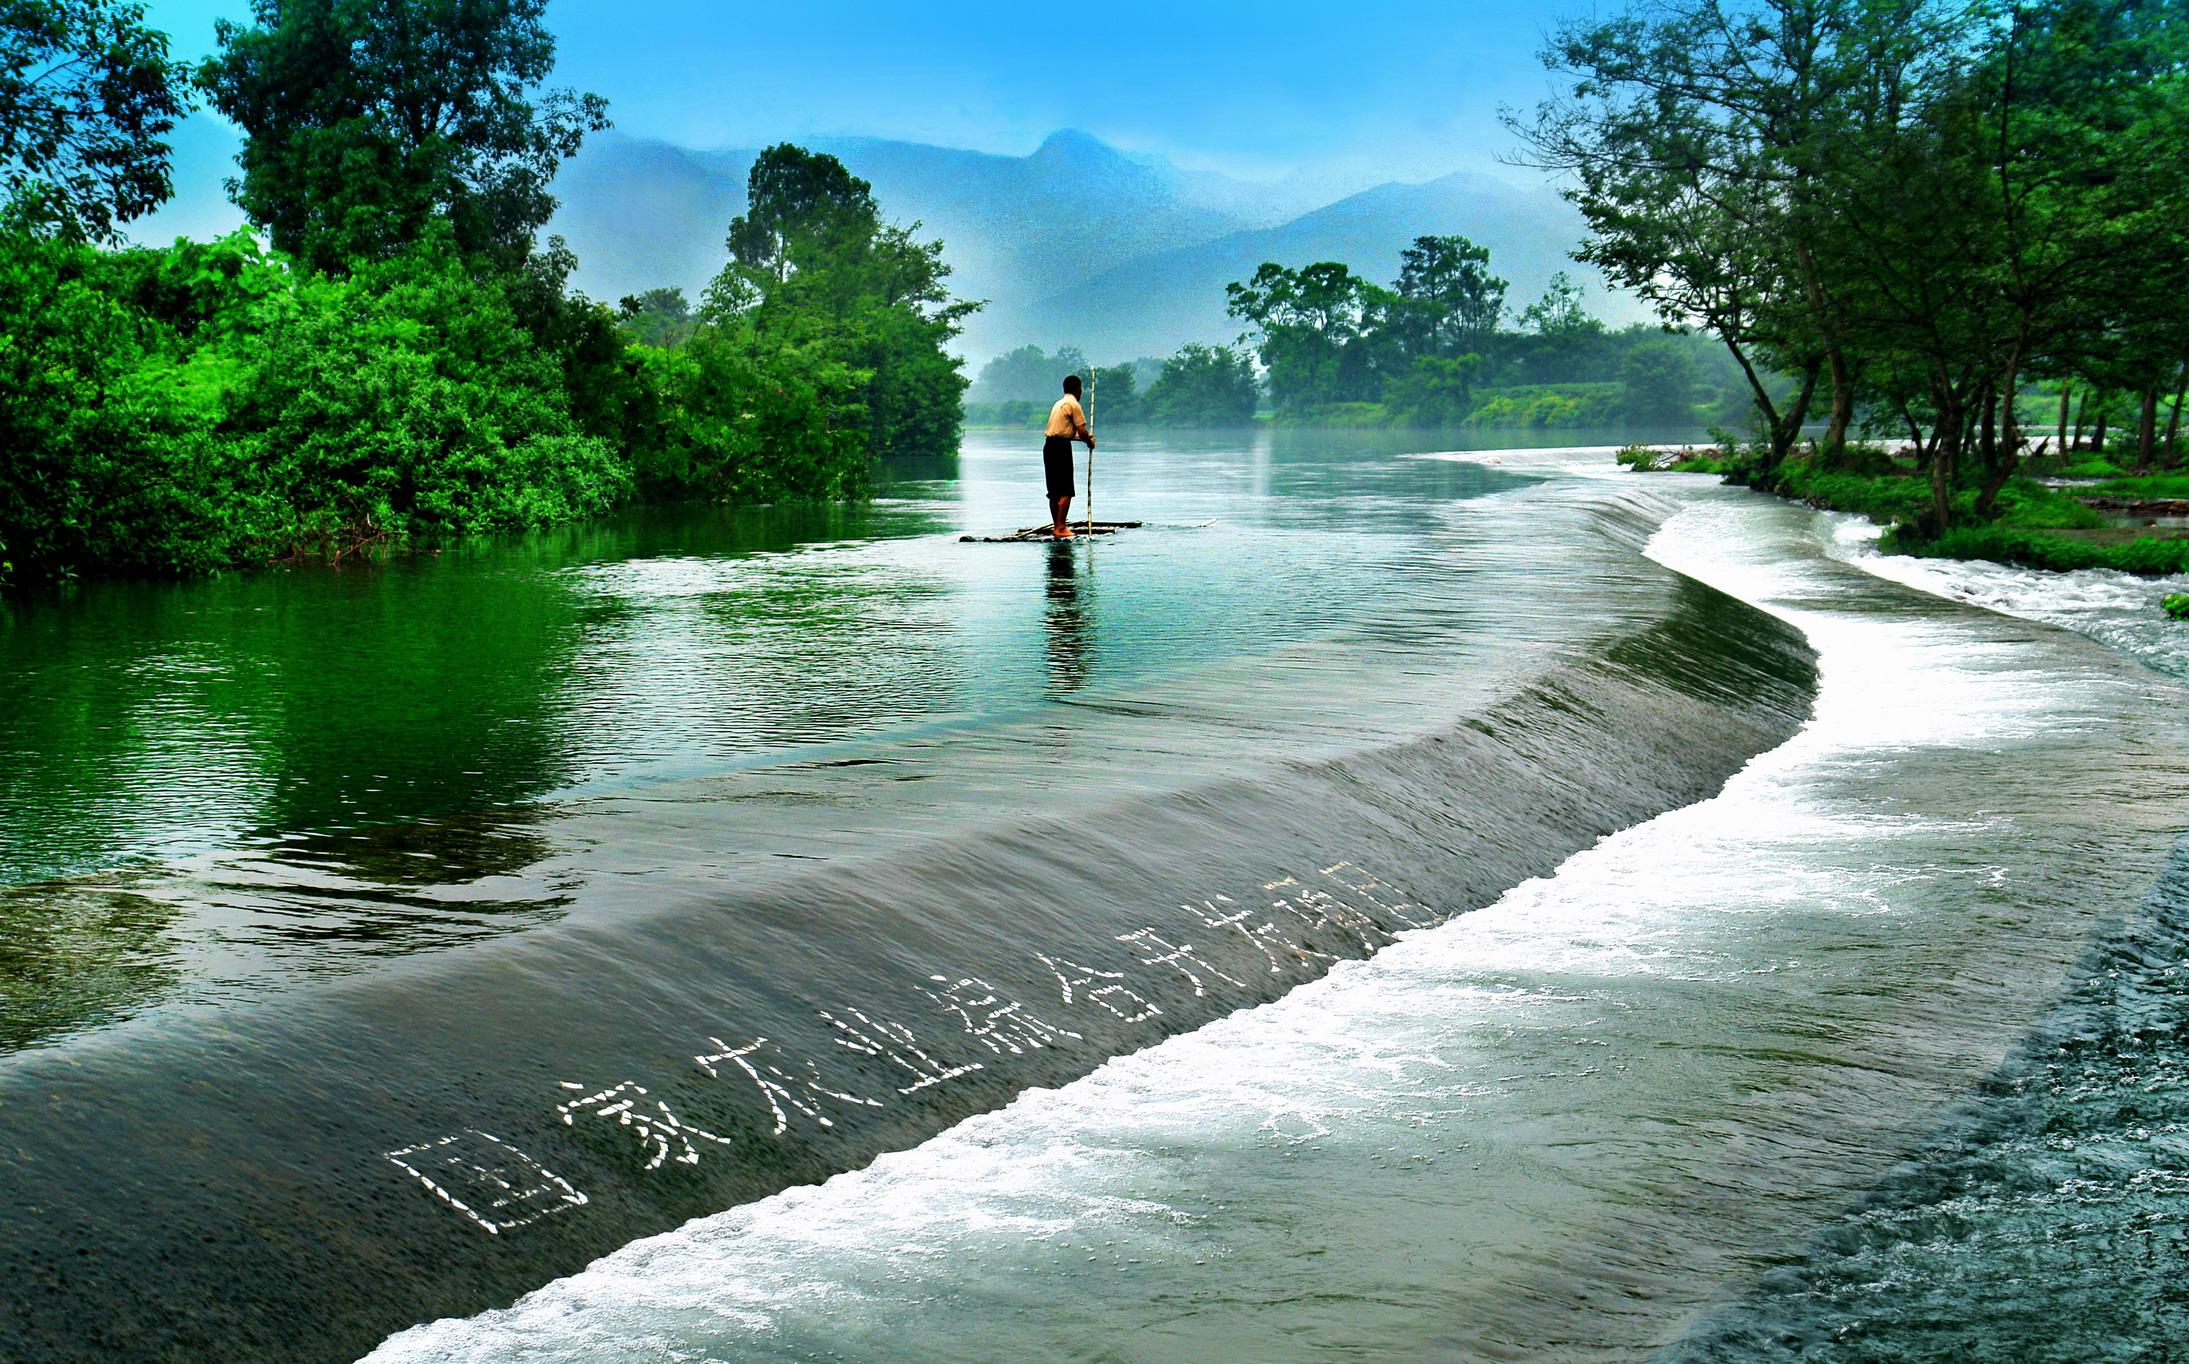 第二张是莲花岛的,莲花岛在临桂县的五通镇